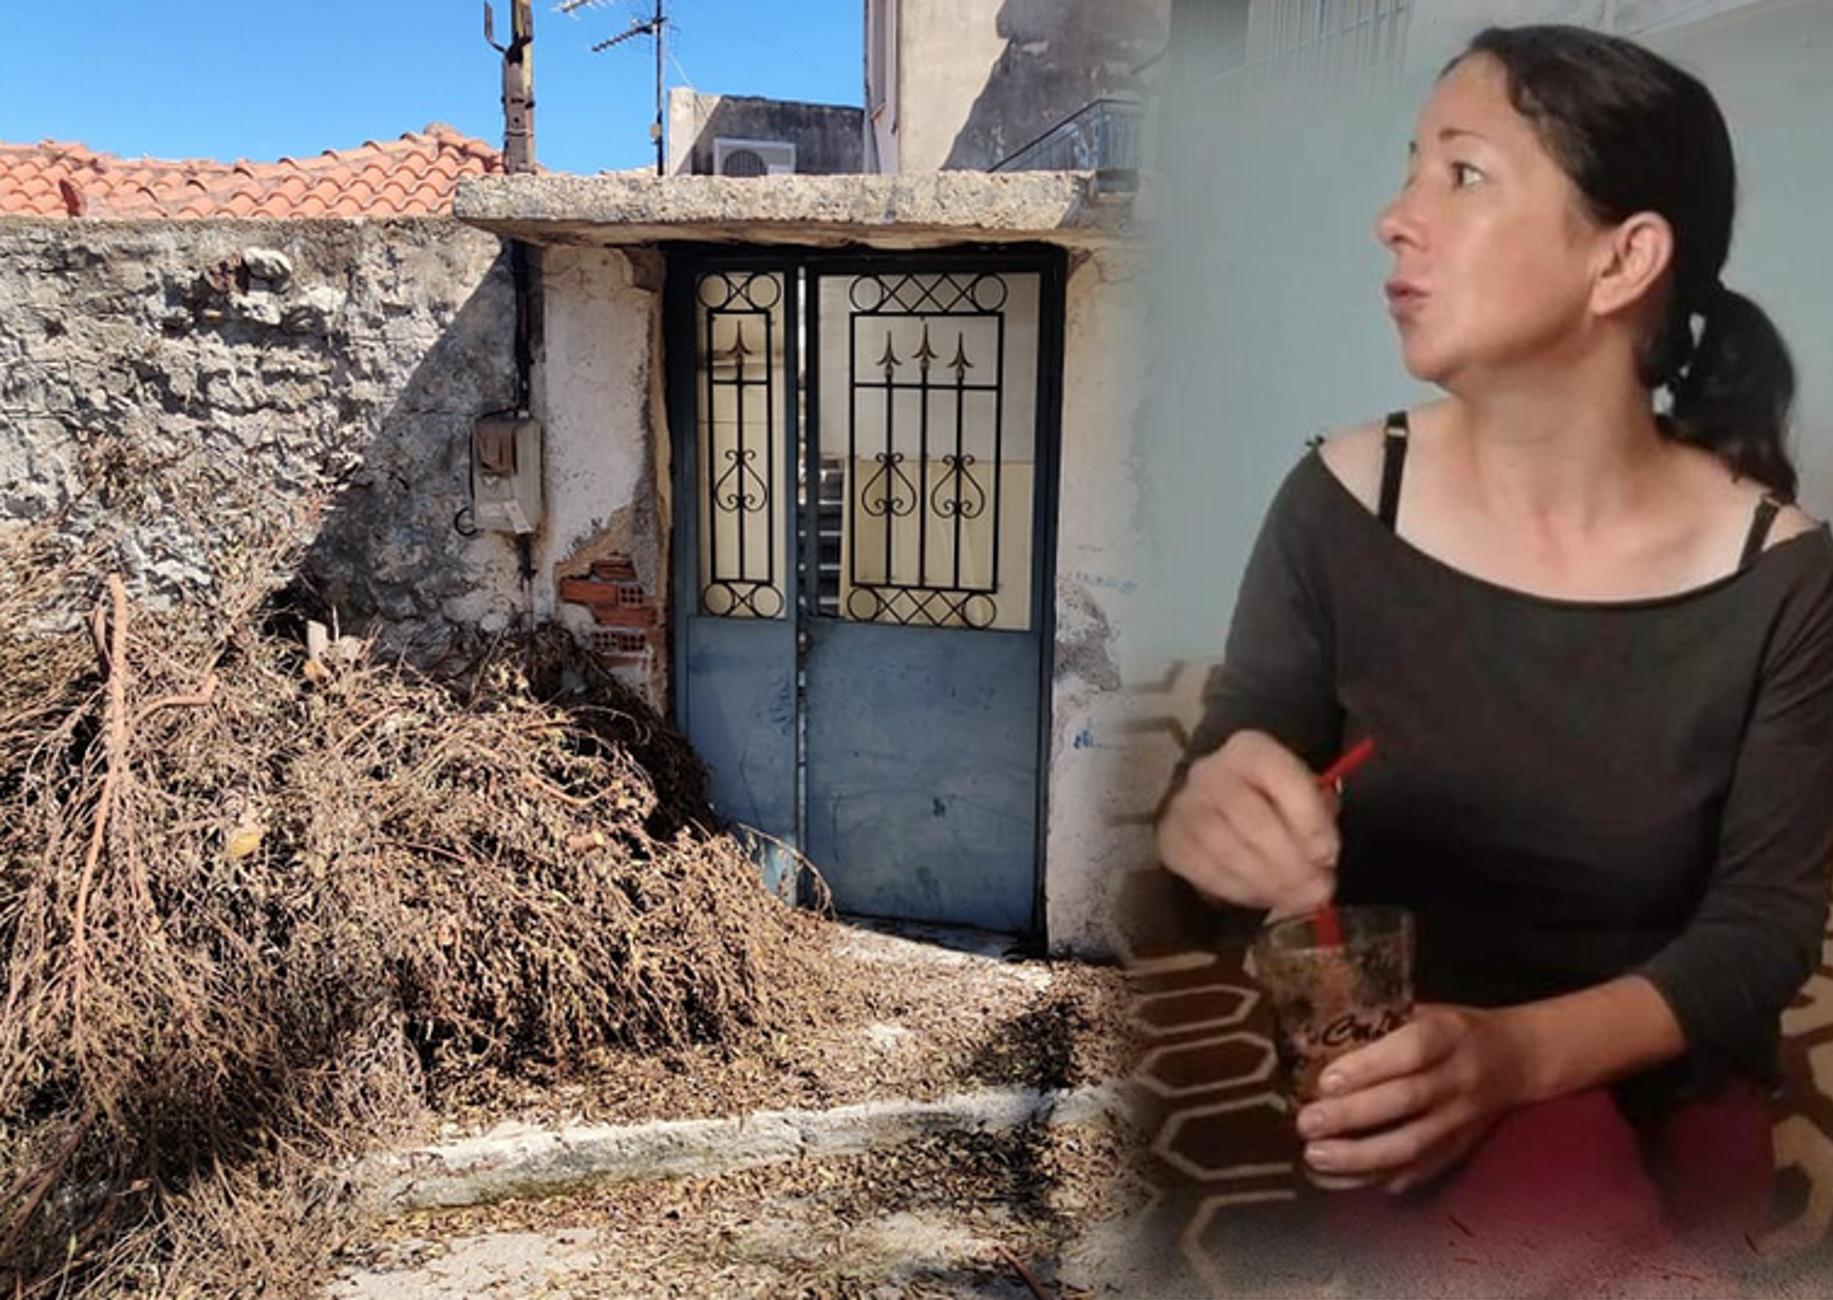 Κυπαρισσία: Νέα στοιχεία για τη γυναίκα που βρέθηκε τσιμεντωμένη – Απαντήσεις θα δώσει το DNA